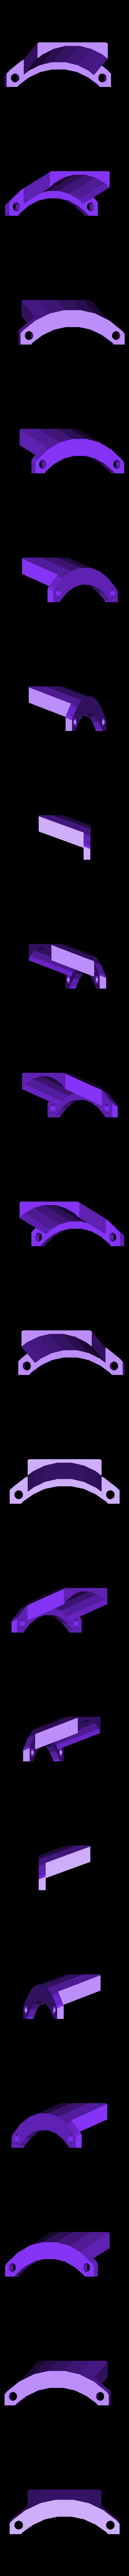 LightAttachment.stl Télécharger fichier SCAD gratuit Fixation légère pour Ultimaker • Design à imprimer en 3D, Urukog